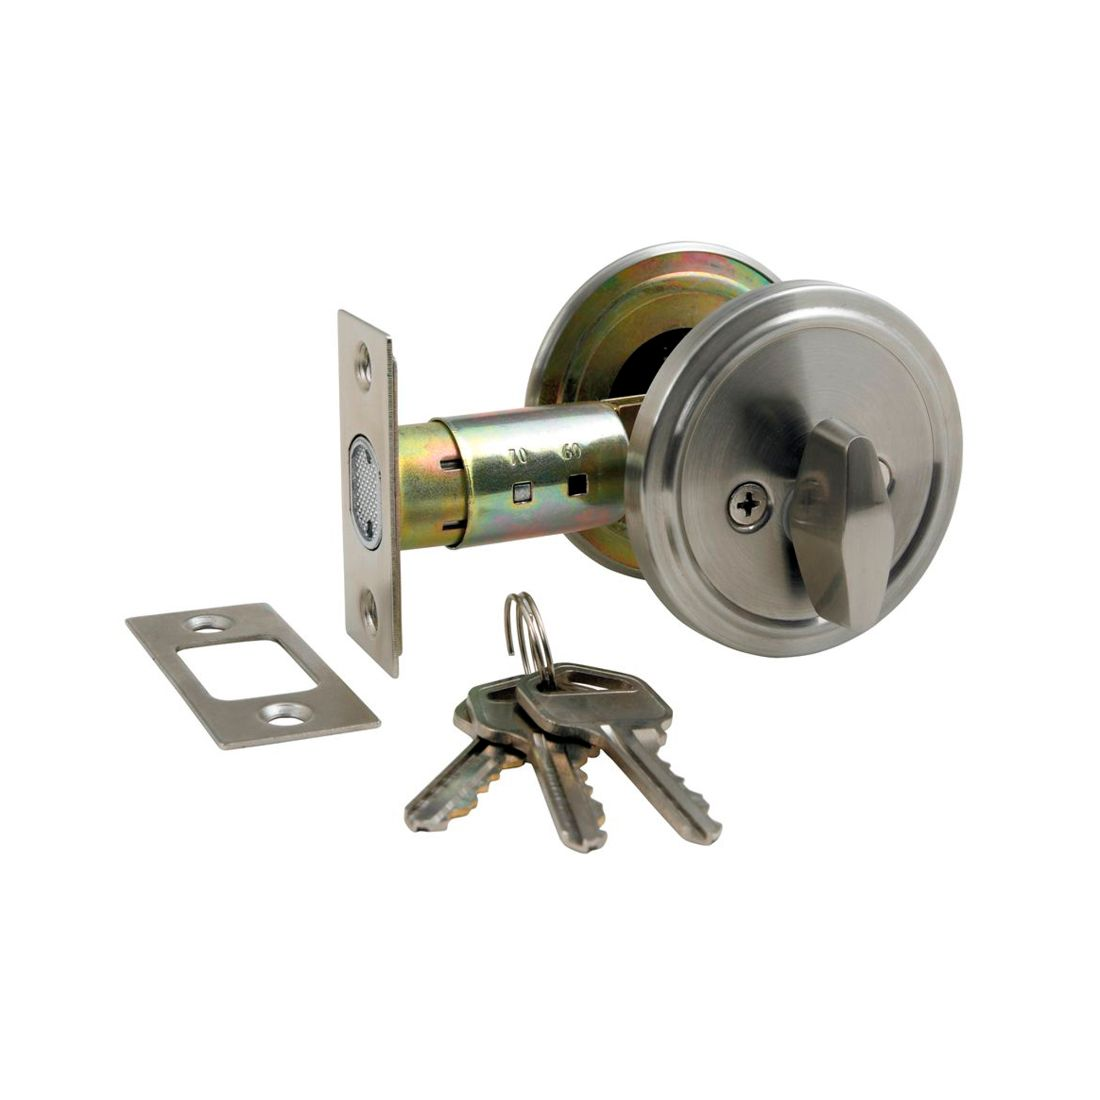 Key/Turn Deadbolt KA Stainless Steel